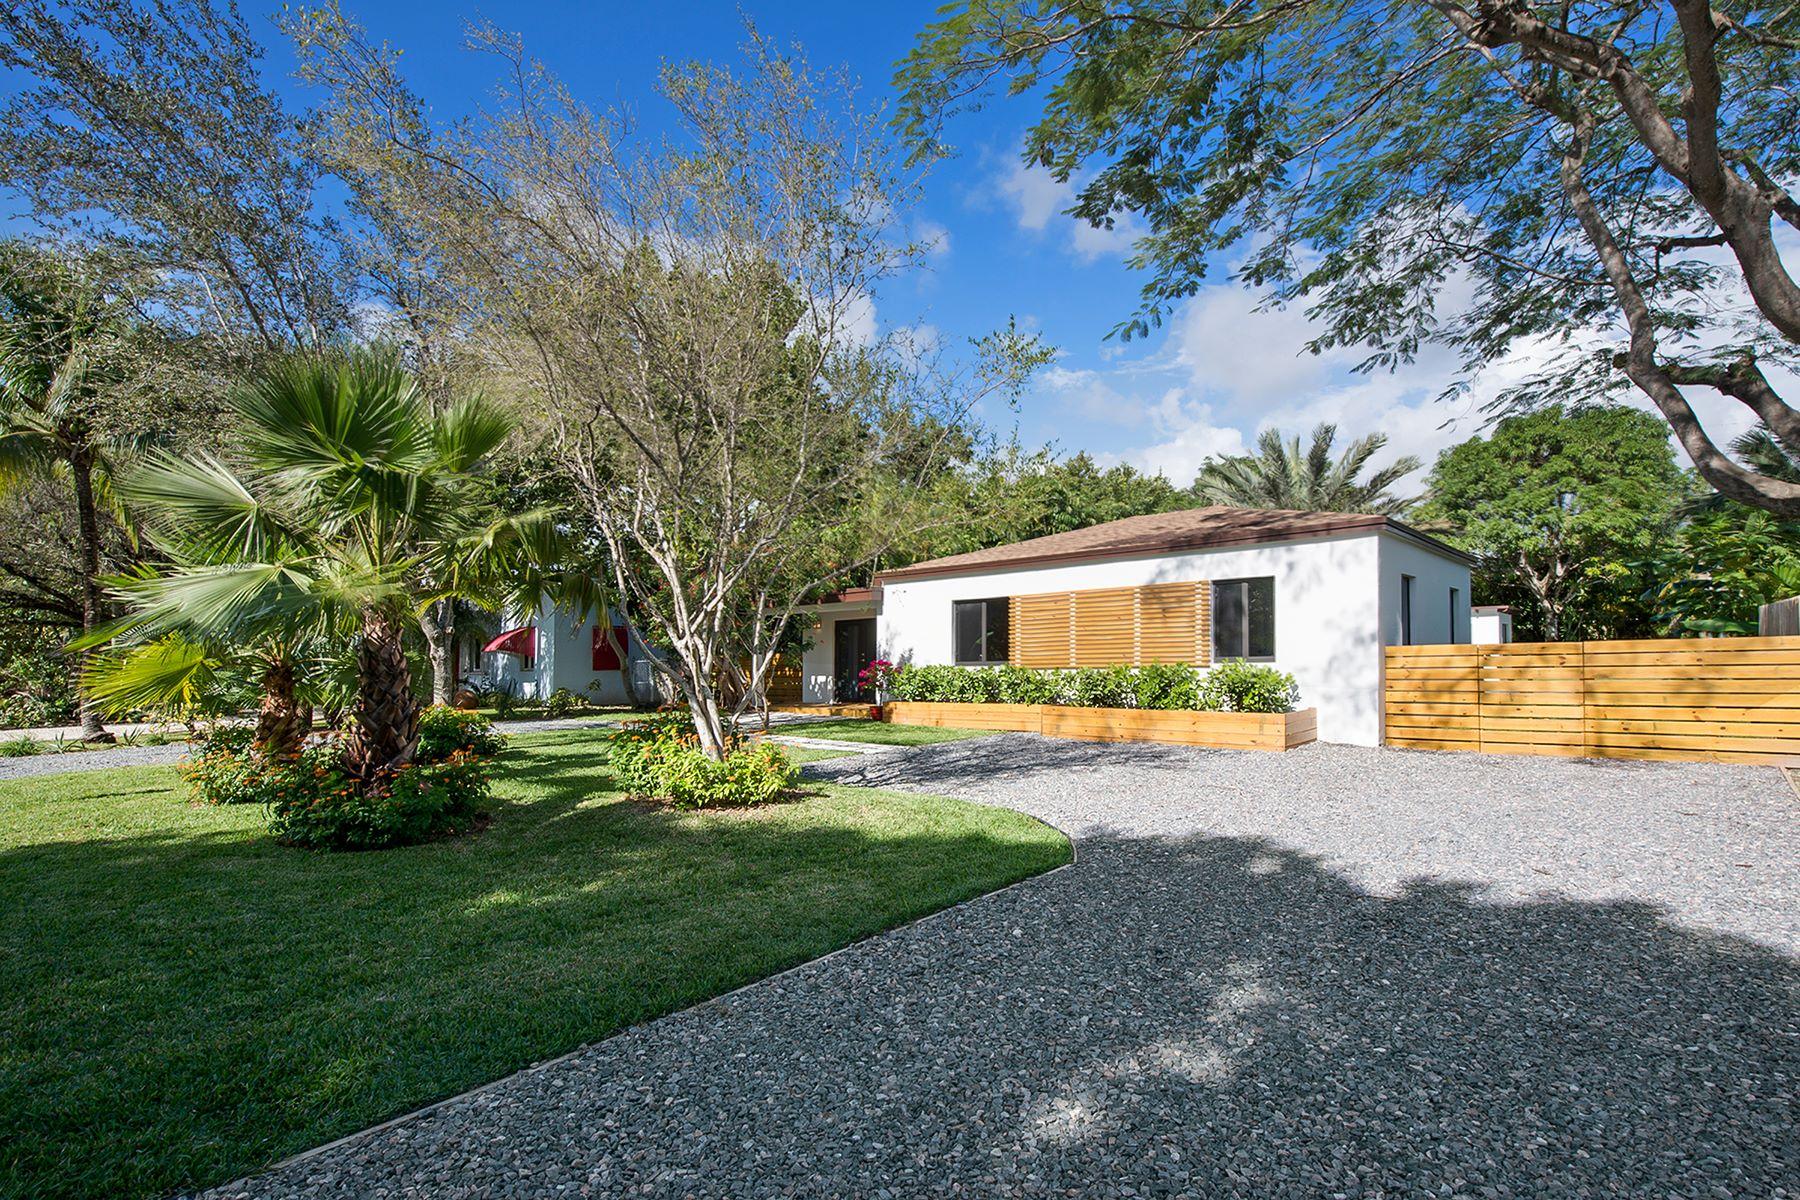 Maison unifamiliale pour l Vente à 6475 Sw 83 Street South Miami, Florida, 33143 États-Unis